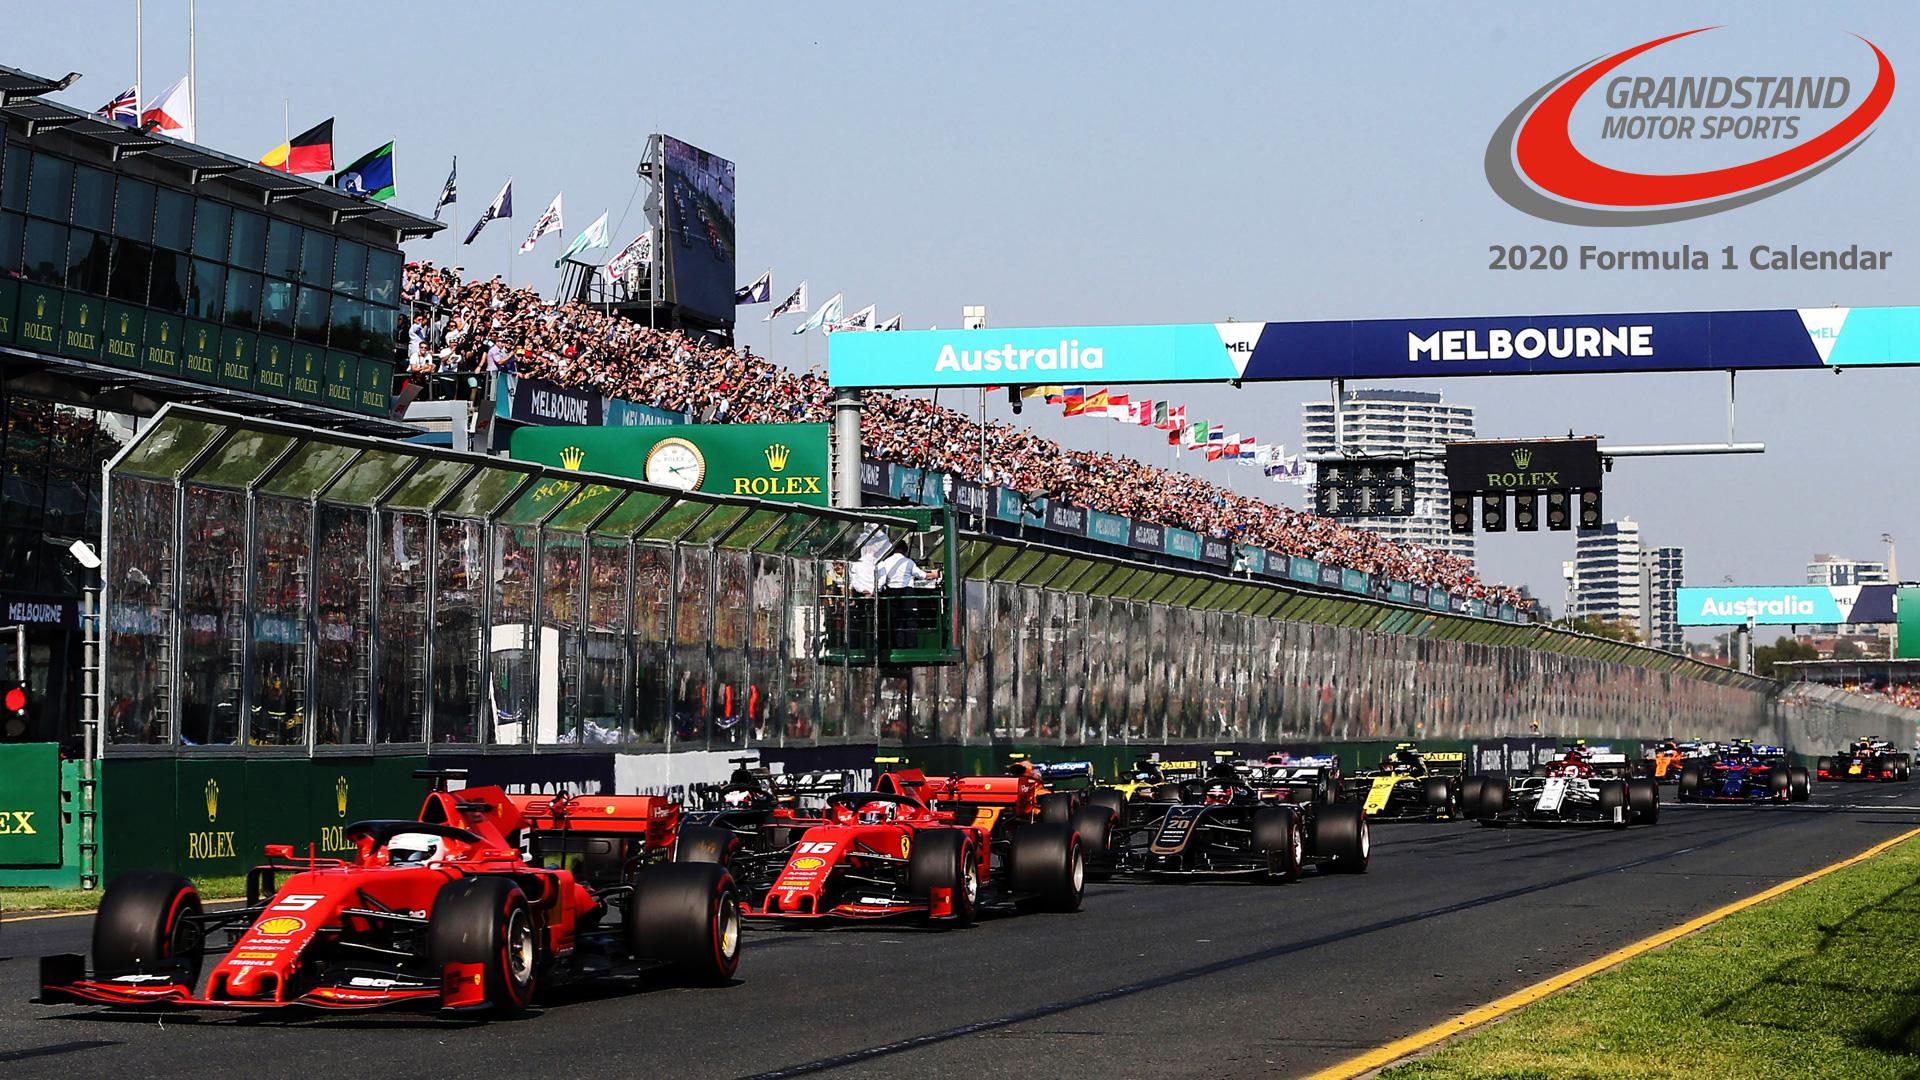 2020 F1 Calendar: Formula 1 Grand Prix Schedule Details